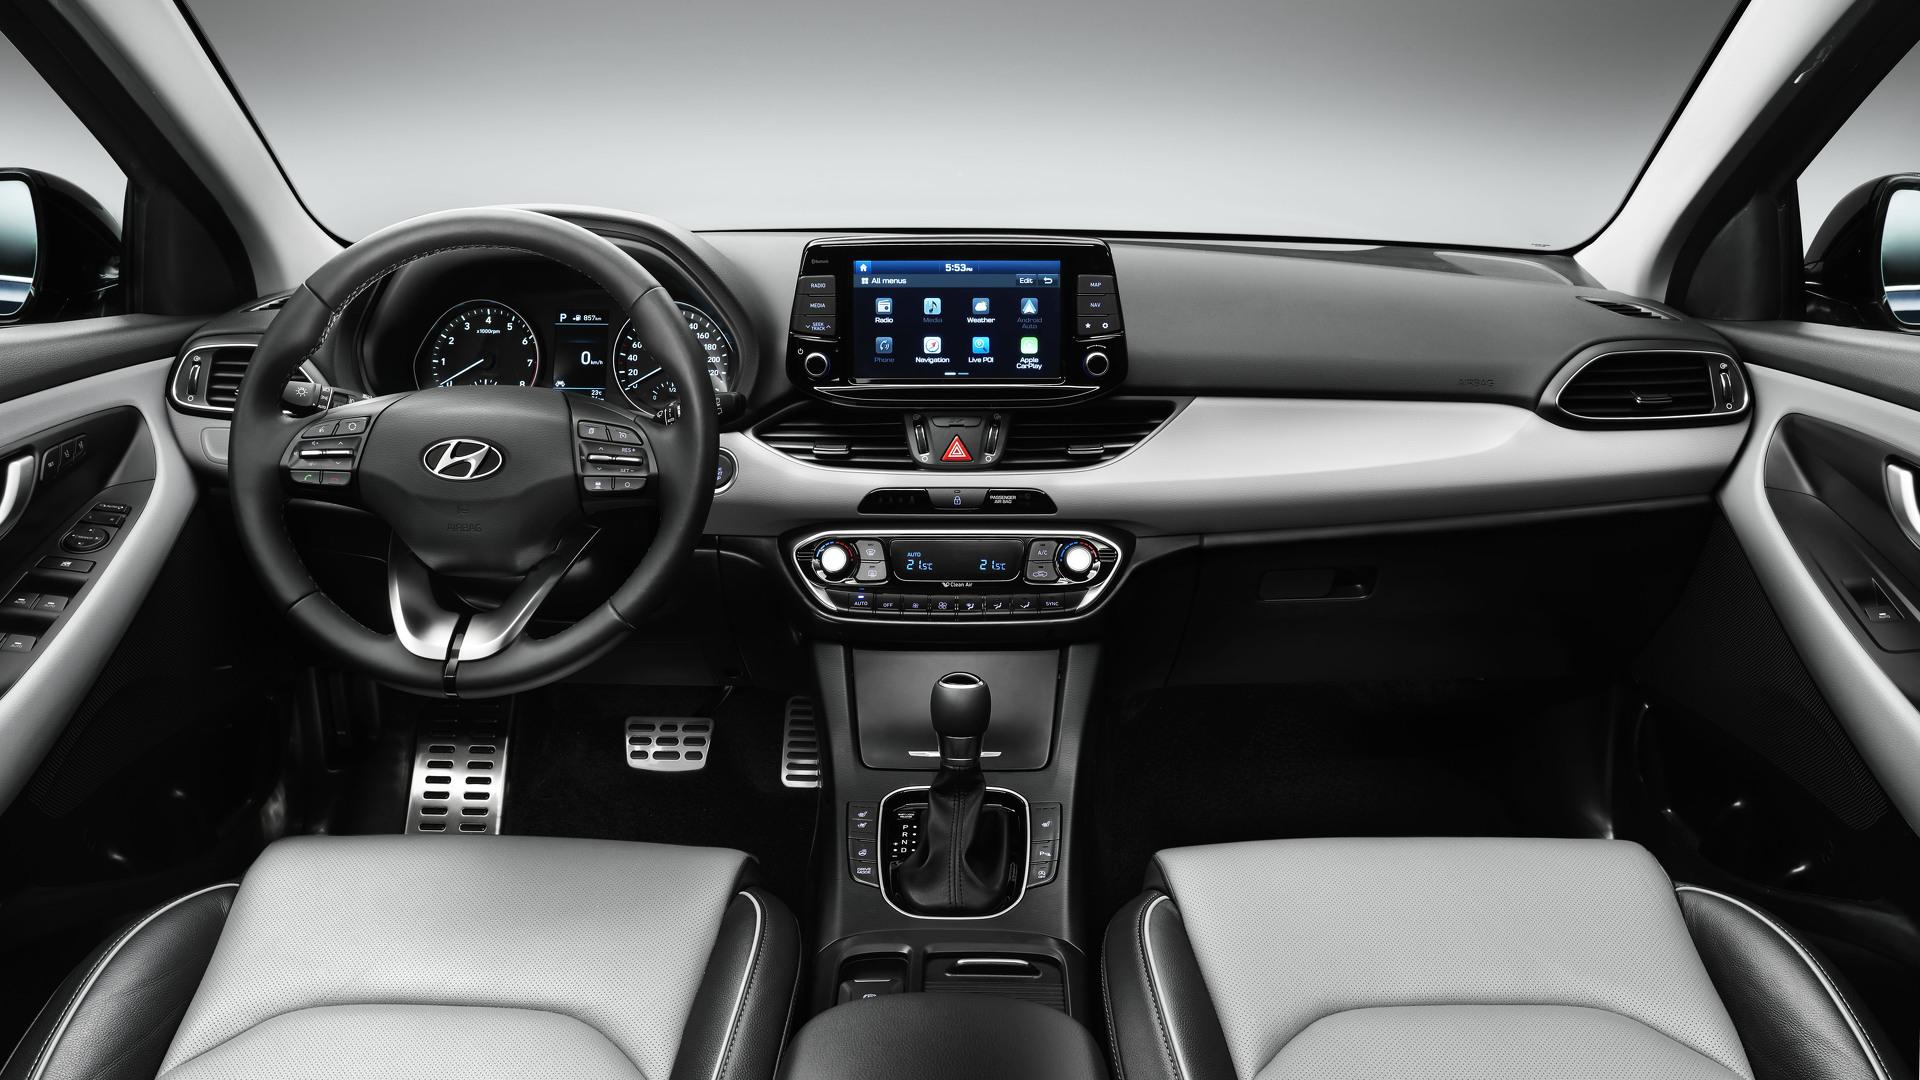 Hyundai i30 официальное фото интерьера